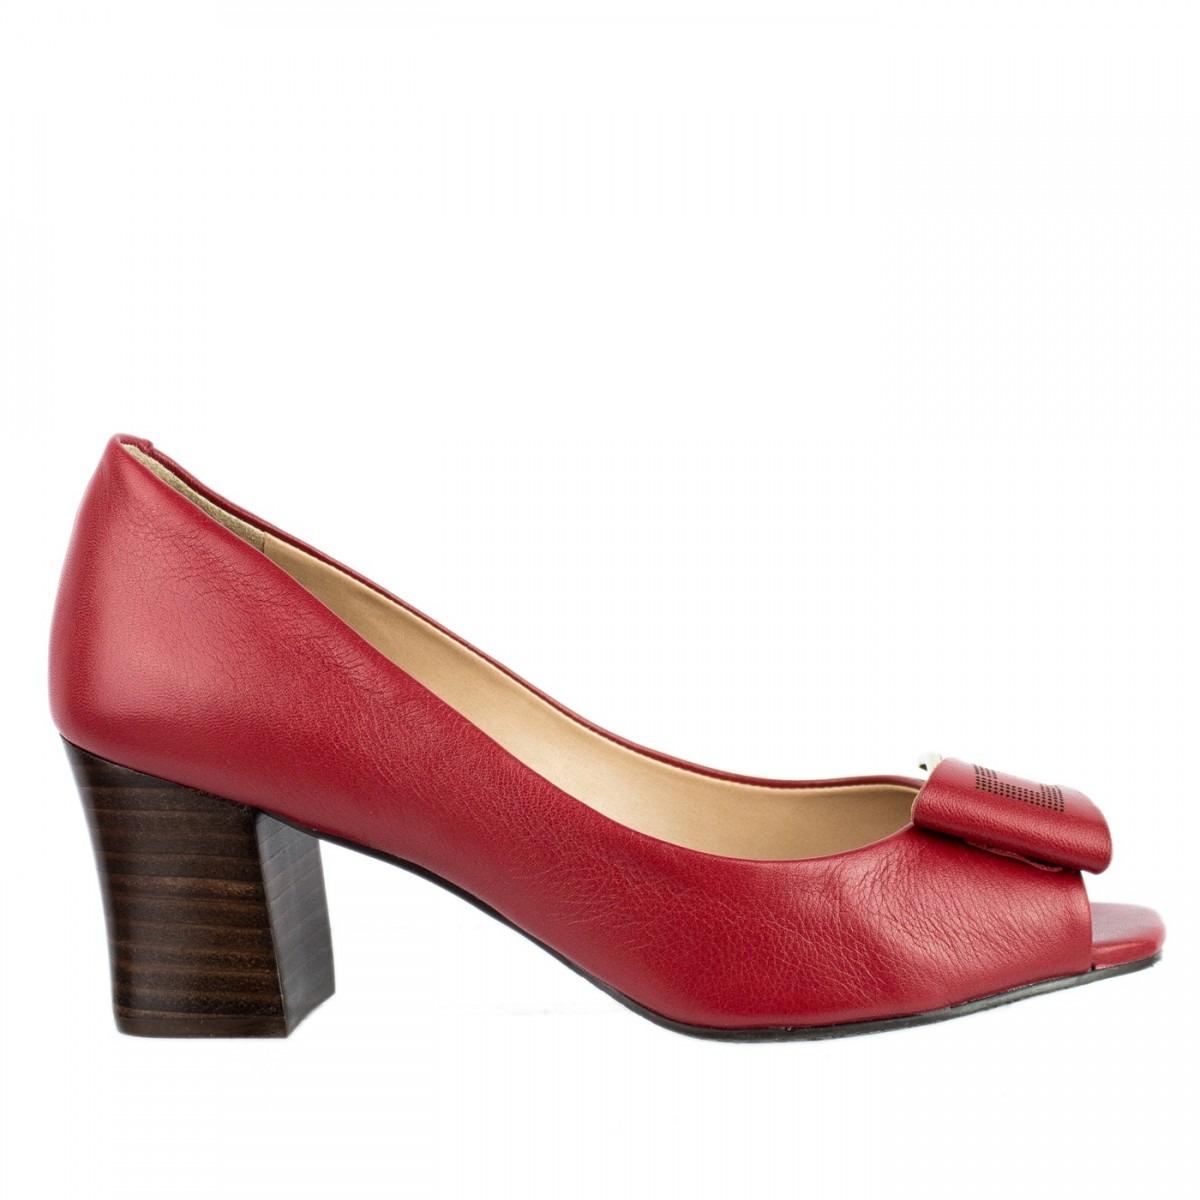 29bbf2e13 Sapato Feminino Peep Toe Luz Da Lua S32012 - R$ 264,90 em Mercado Livre